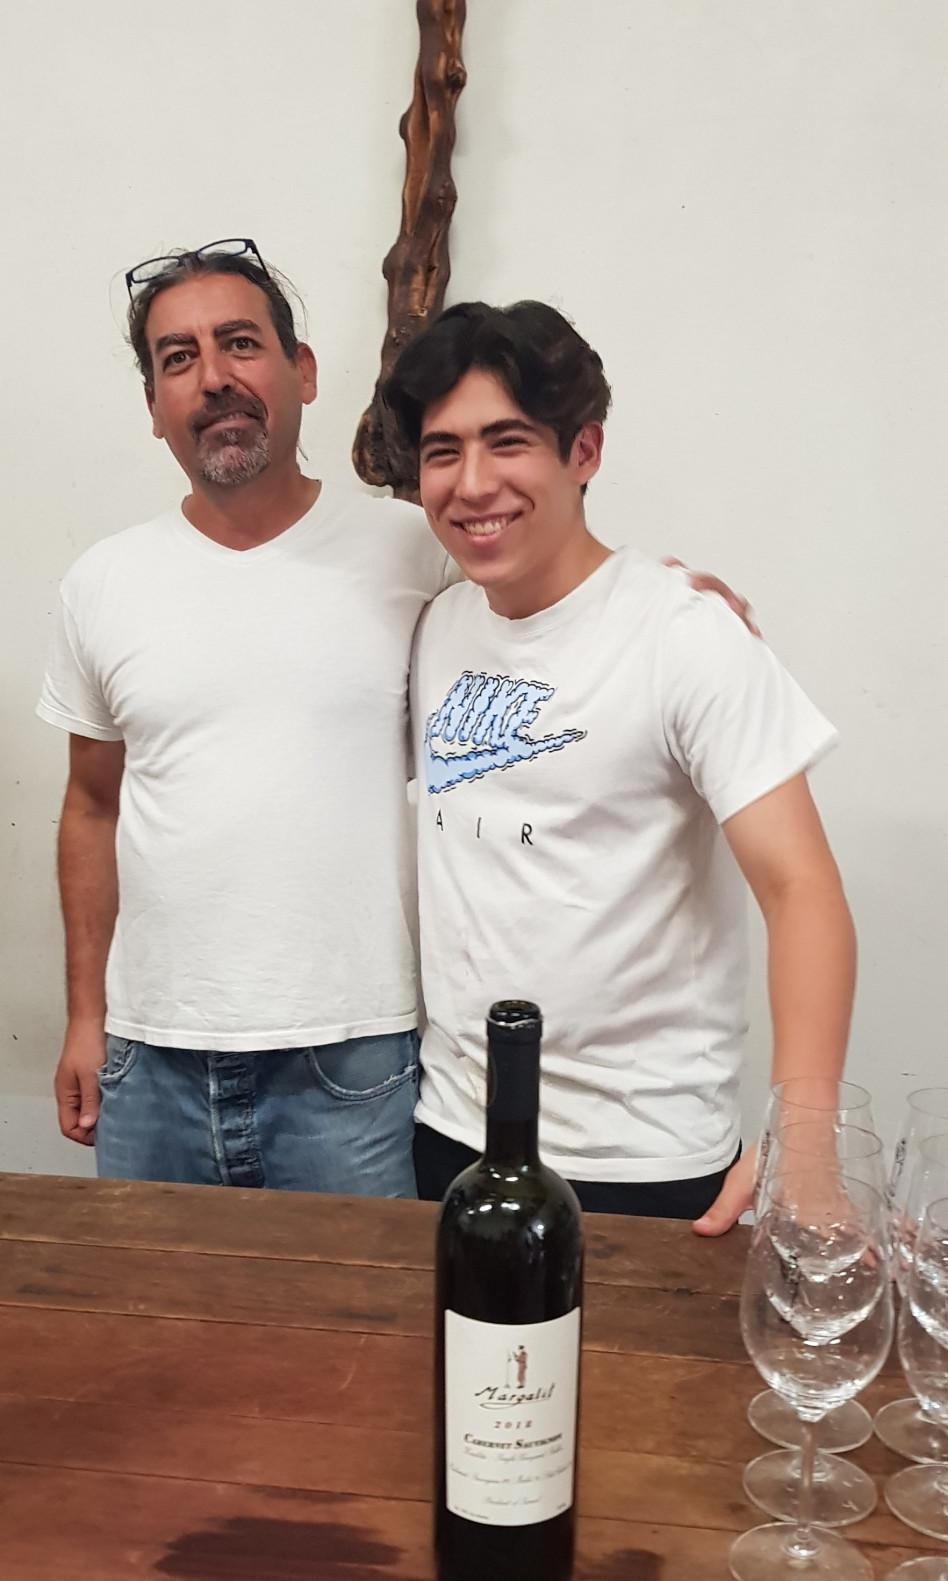 אסף ובנו יונתן מרגלית (צילום: באדיבות יקב מרגלית)